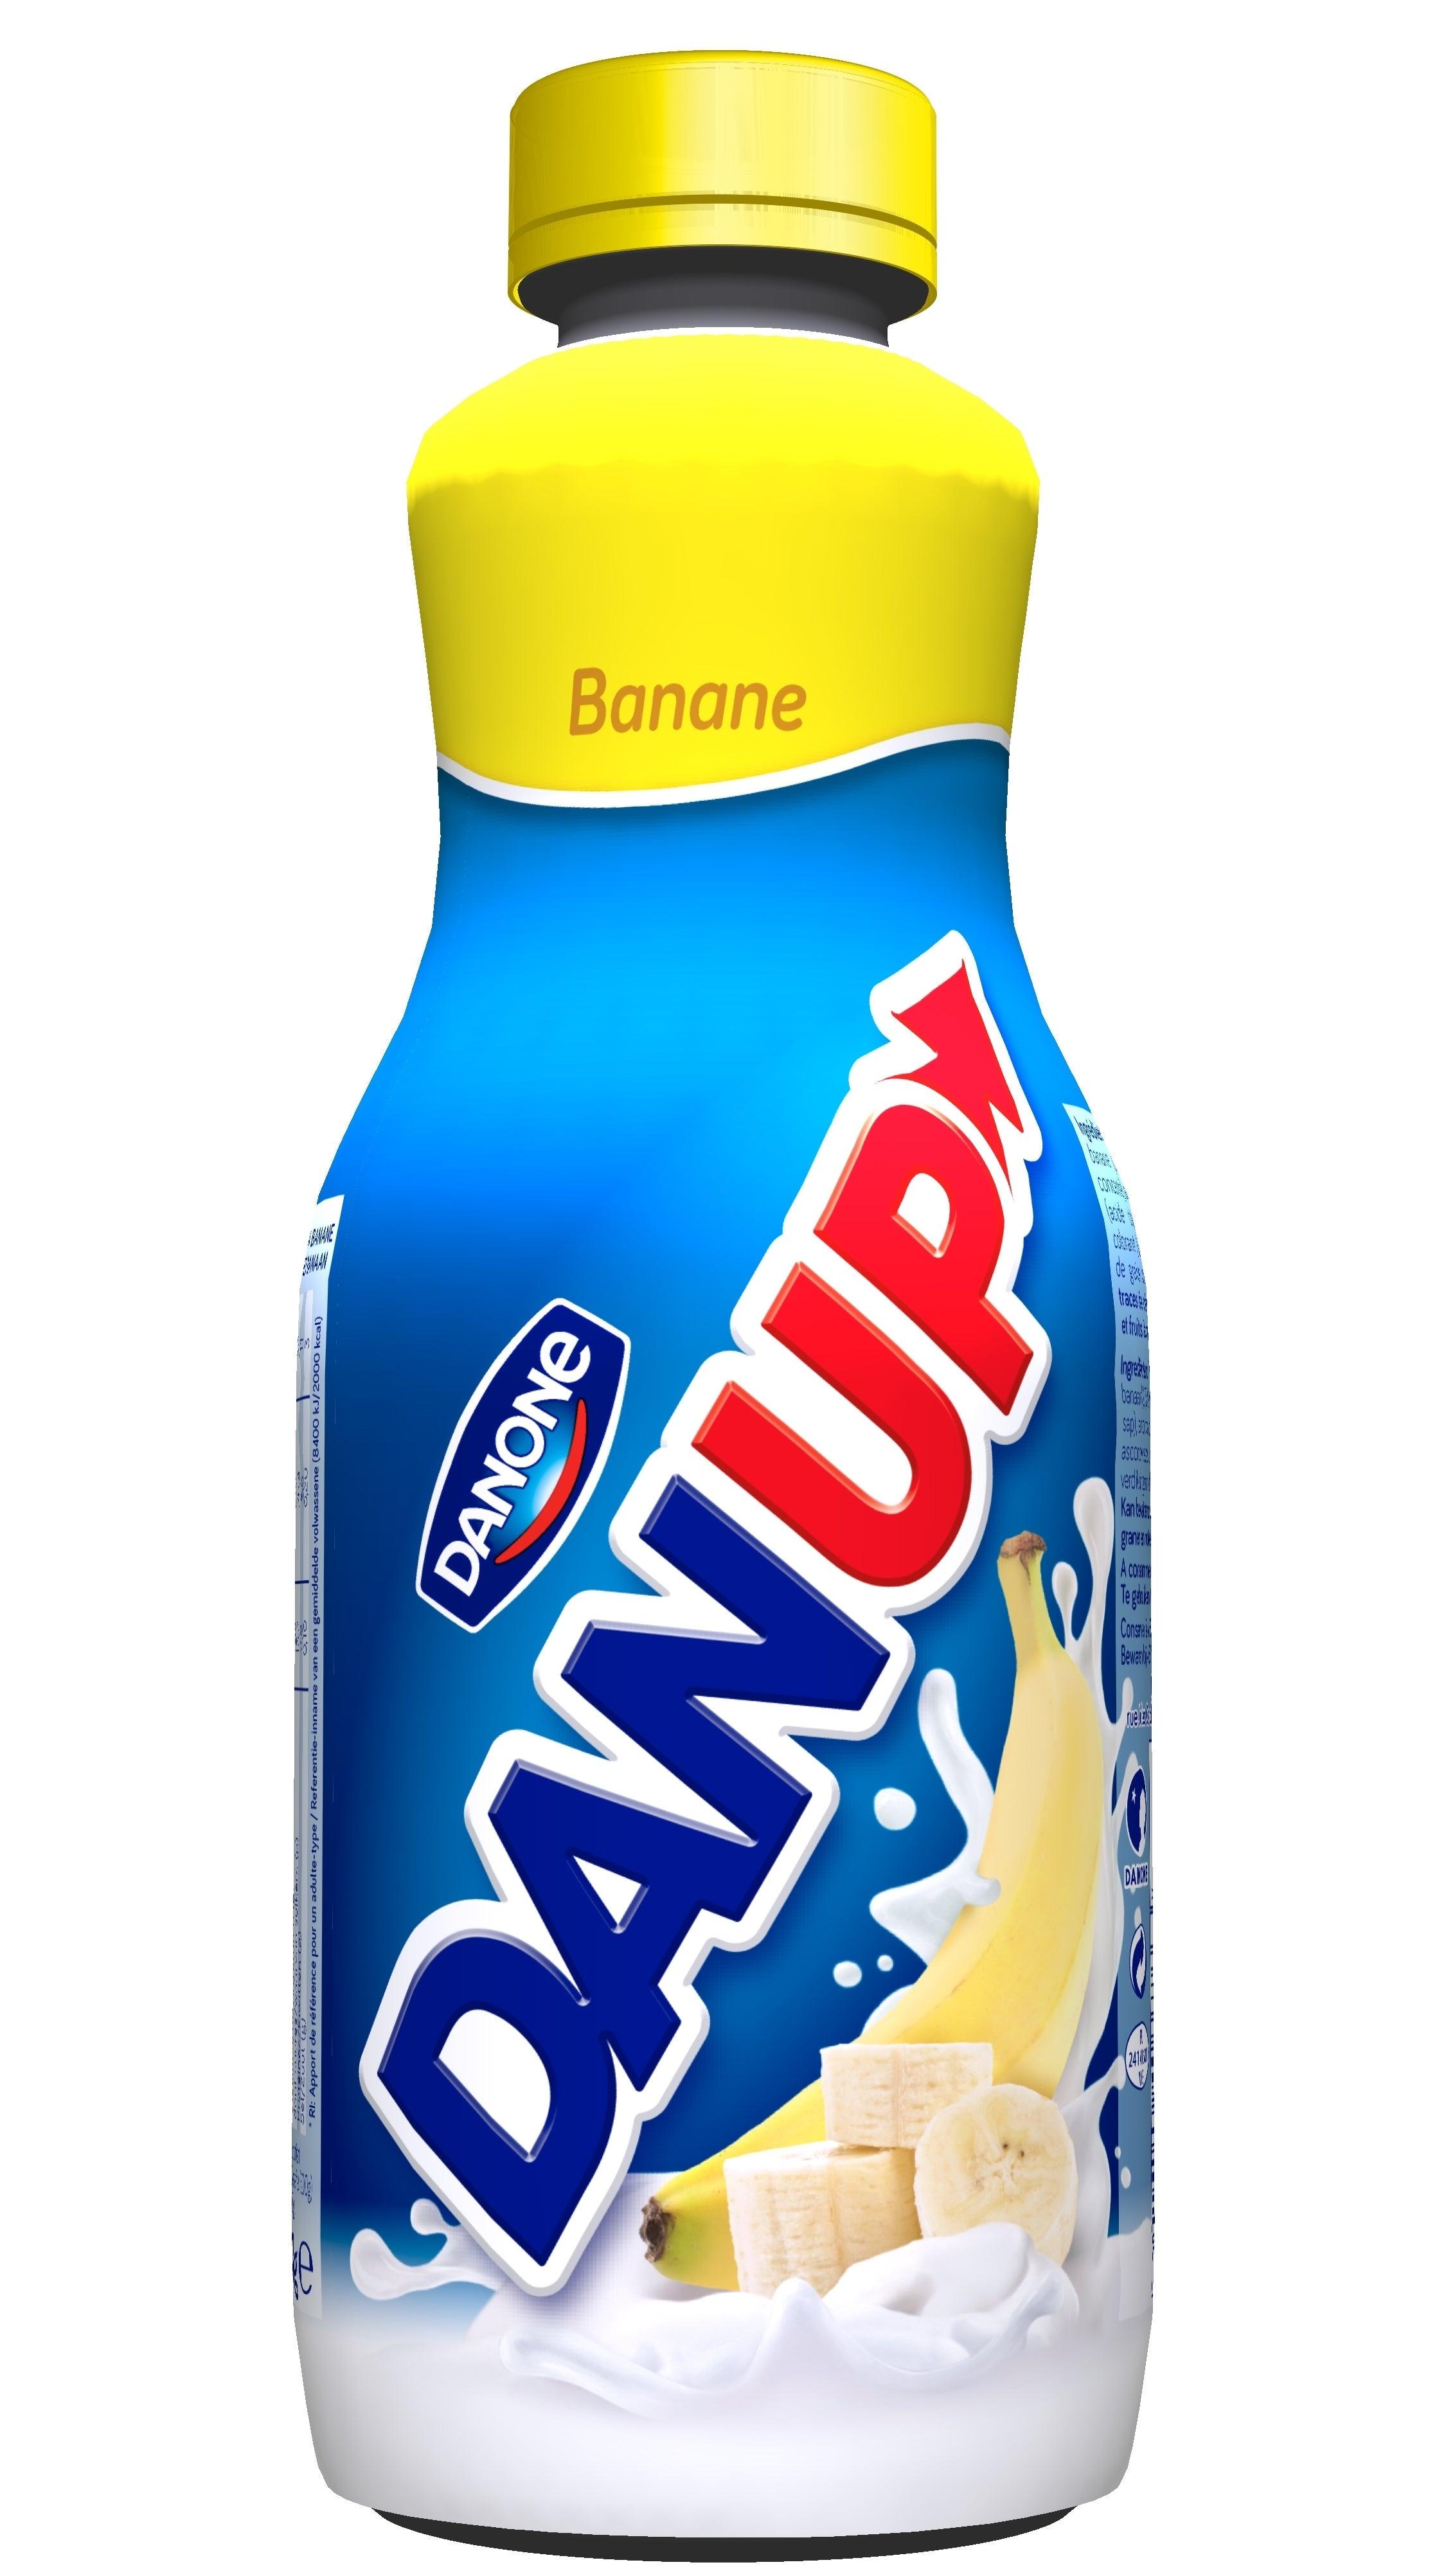 Dan'up Banane 600ml